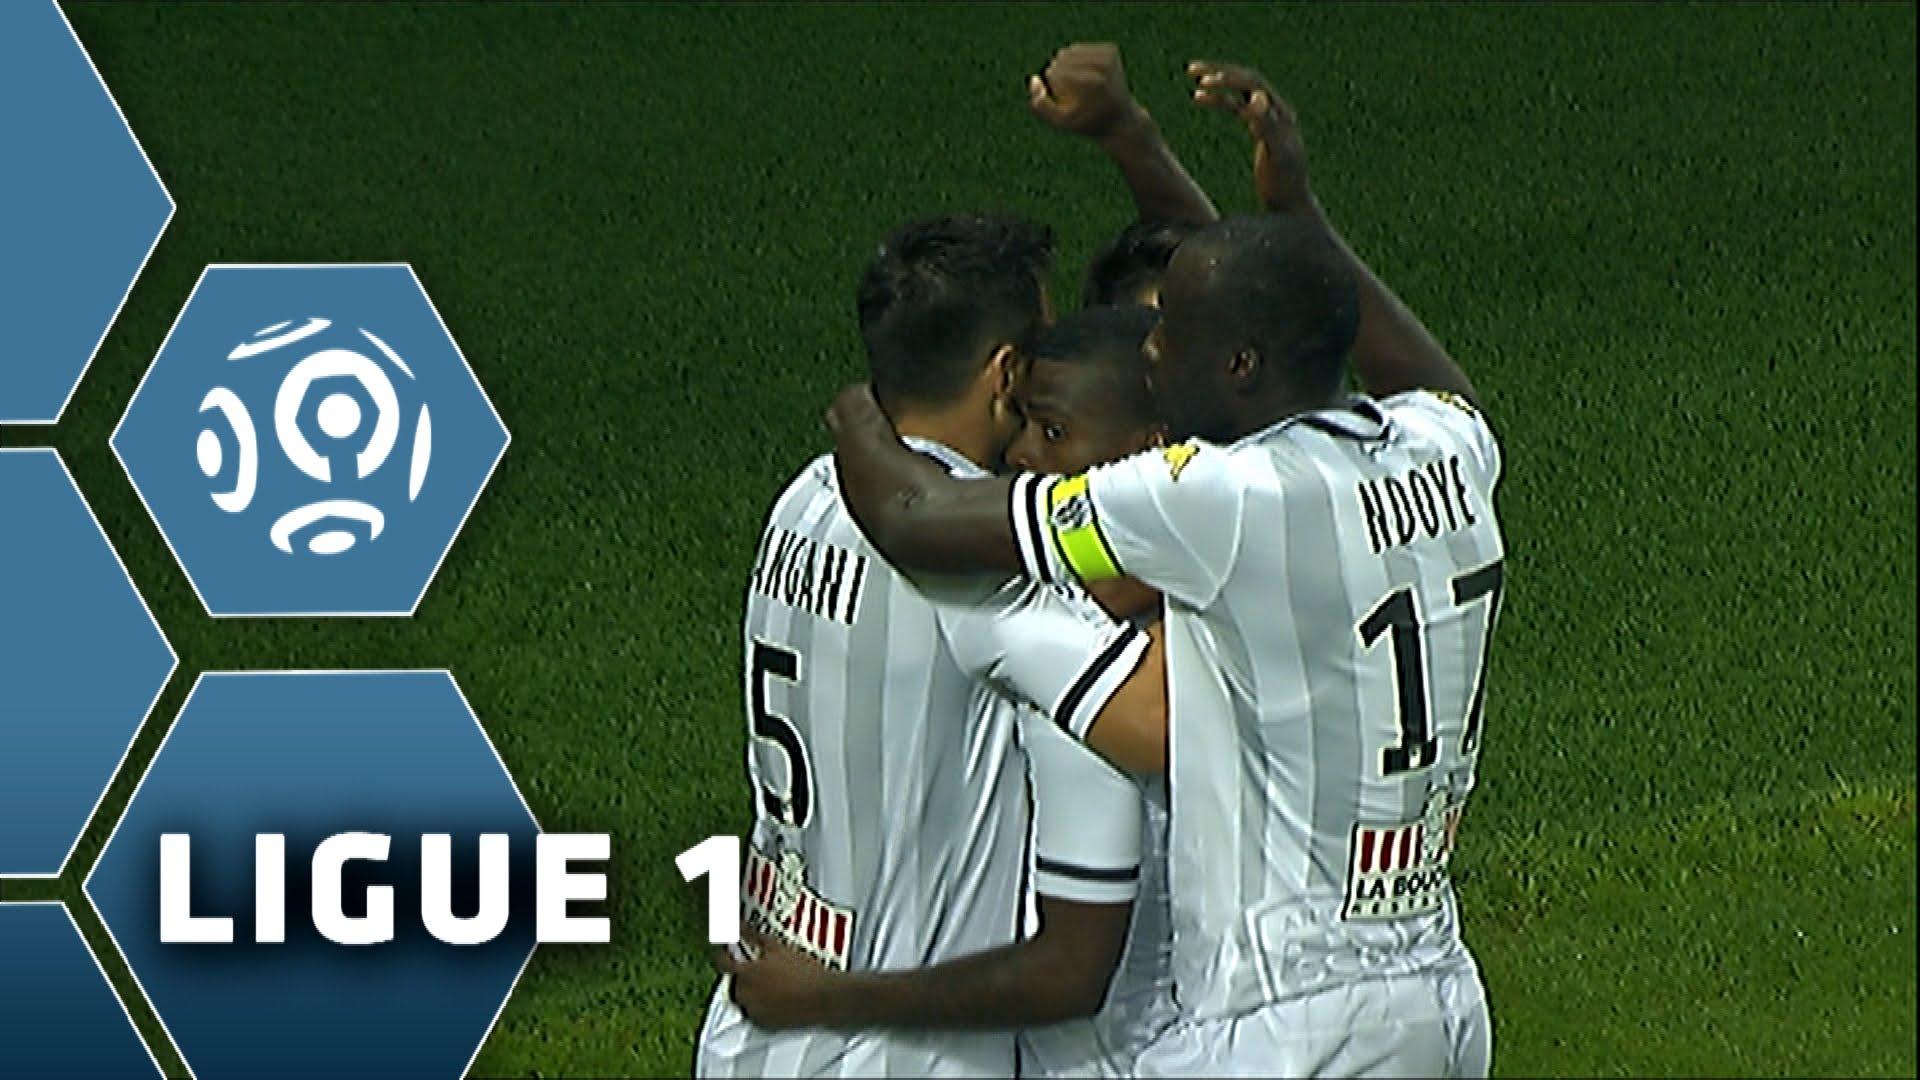 ligue 1 live stream